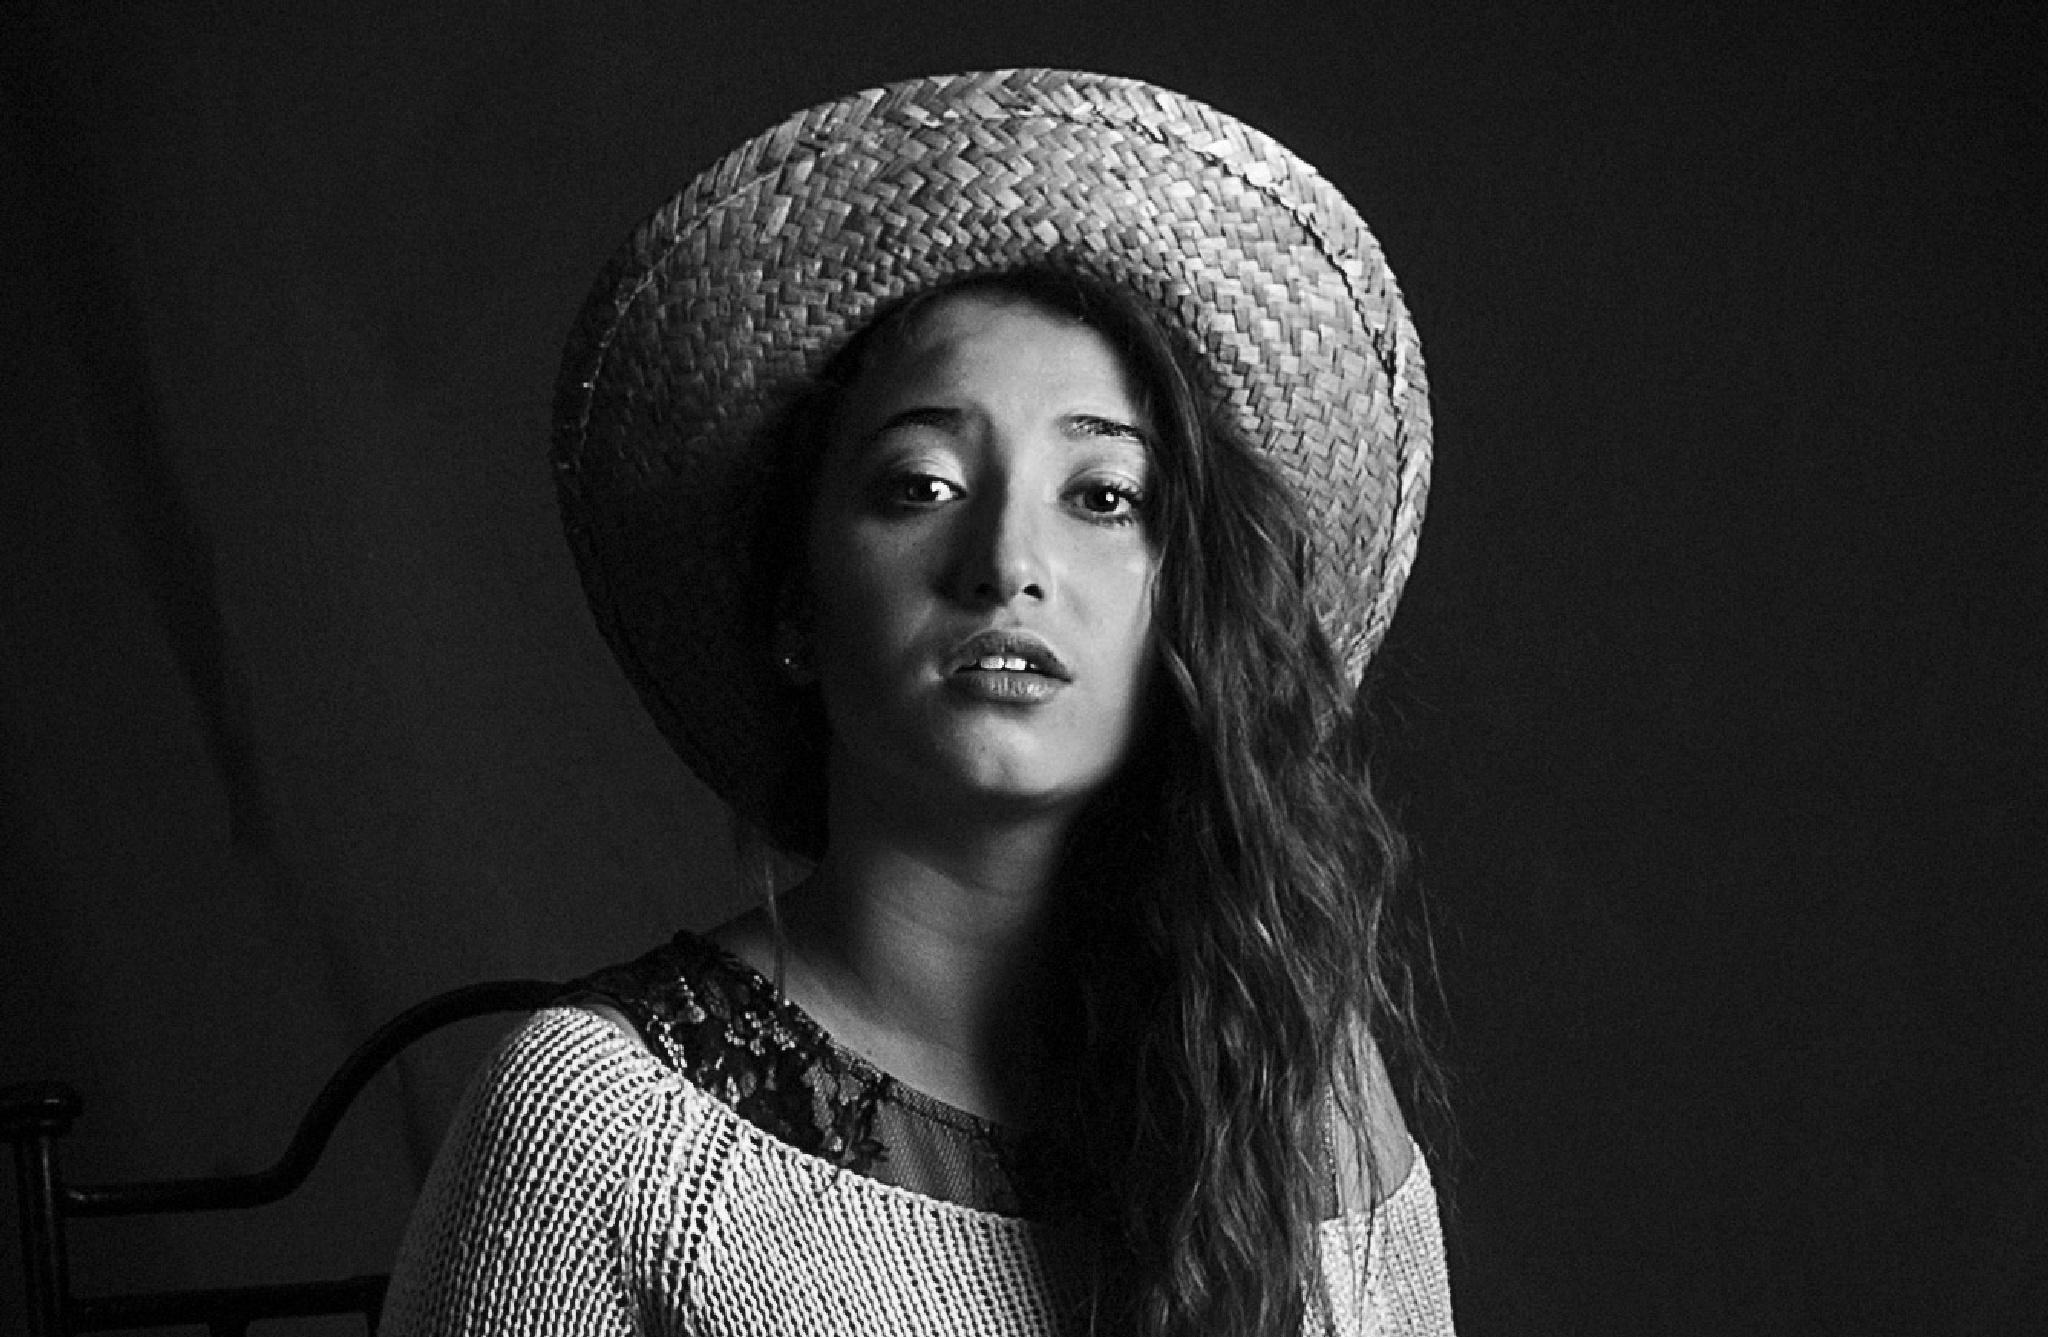 chica con sombrero by Pedro Miranda Alonso